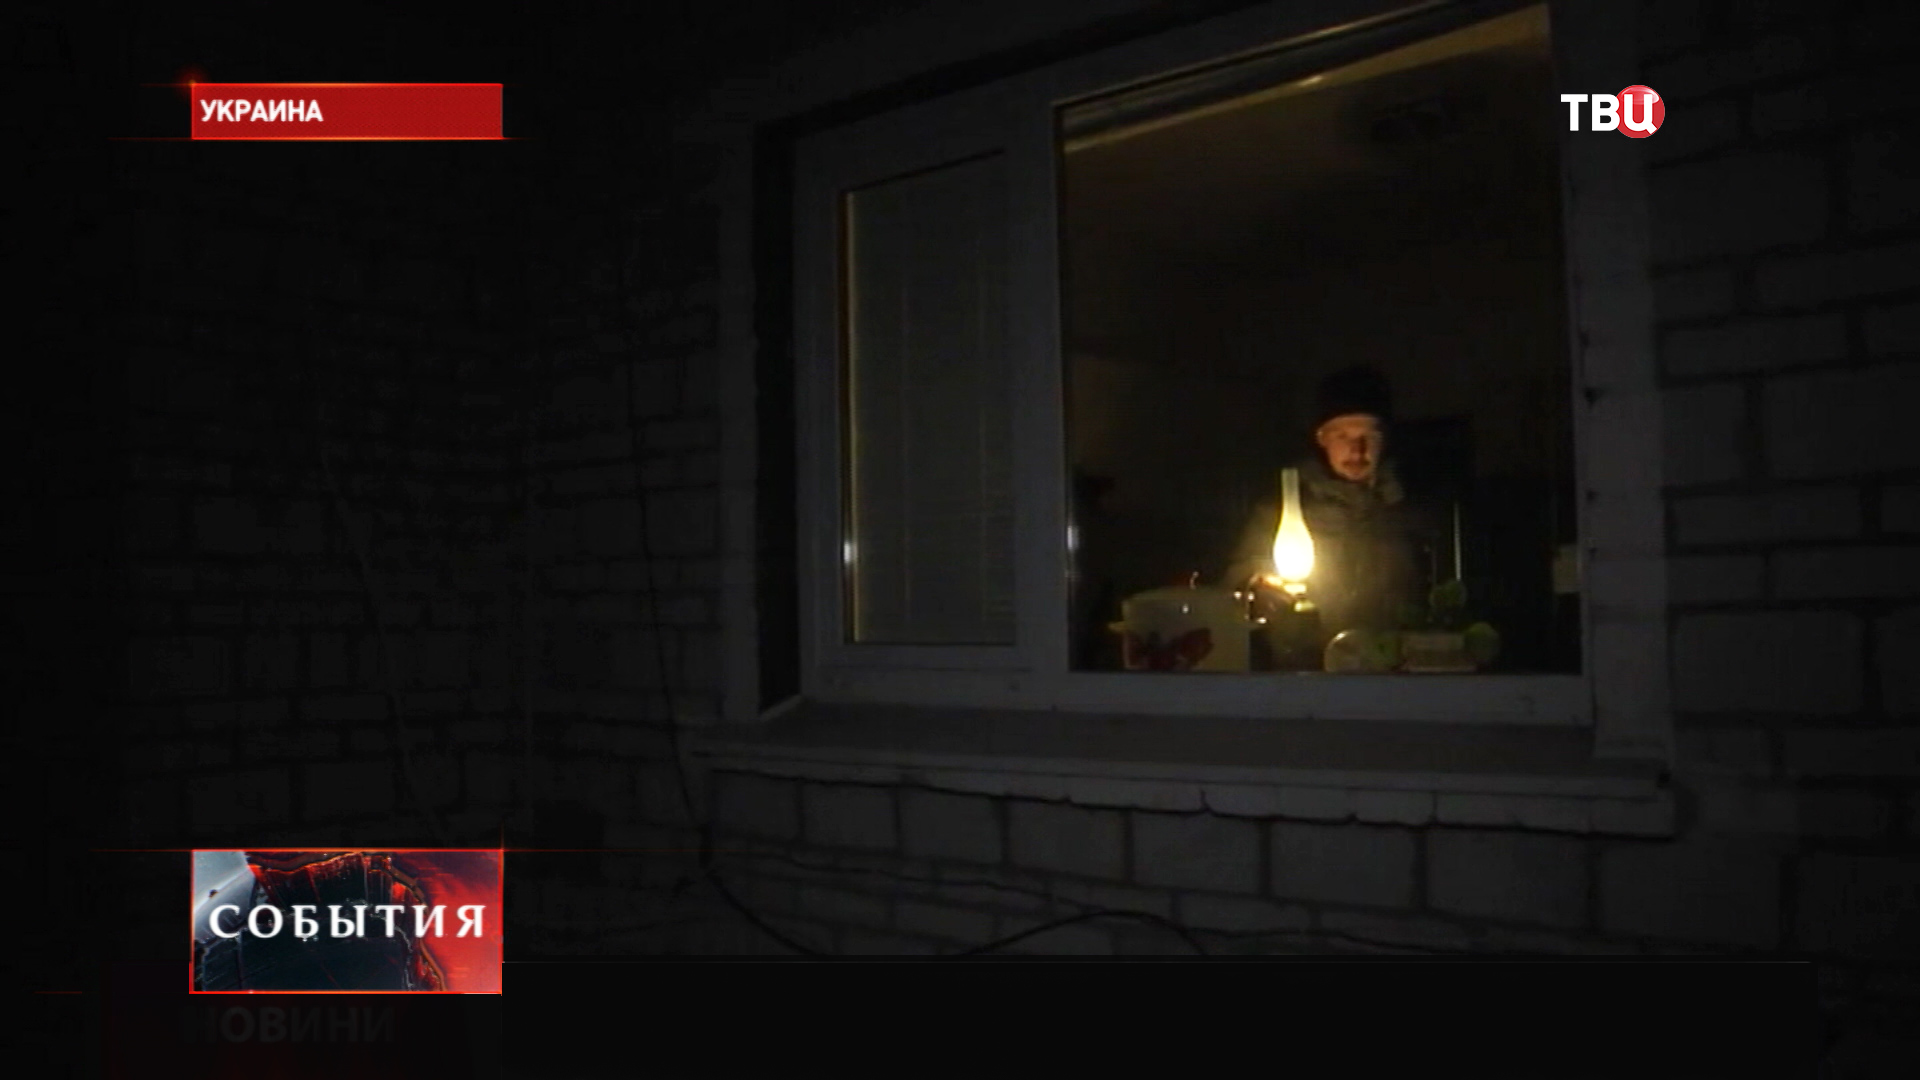 Ограничения в потреблении электричества на Украине